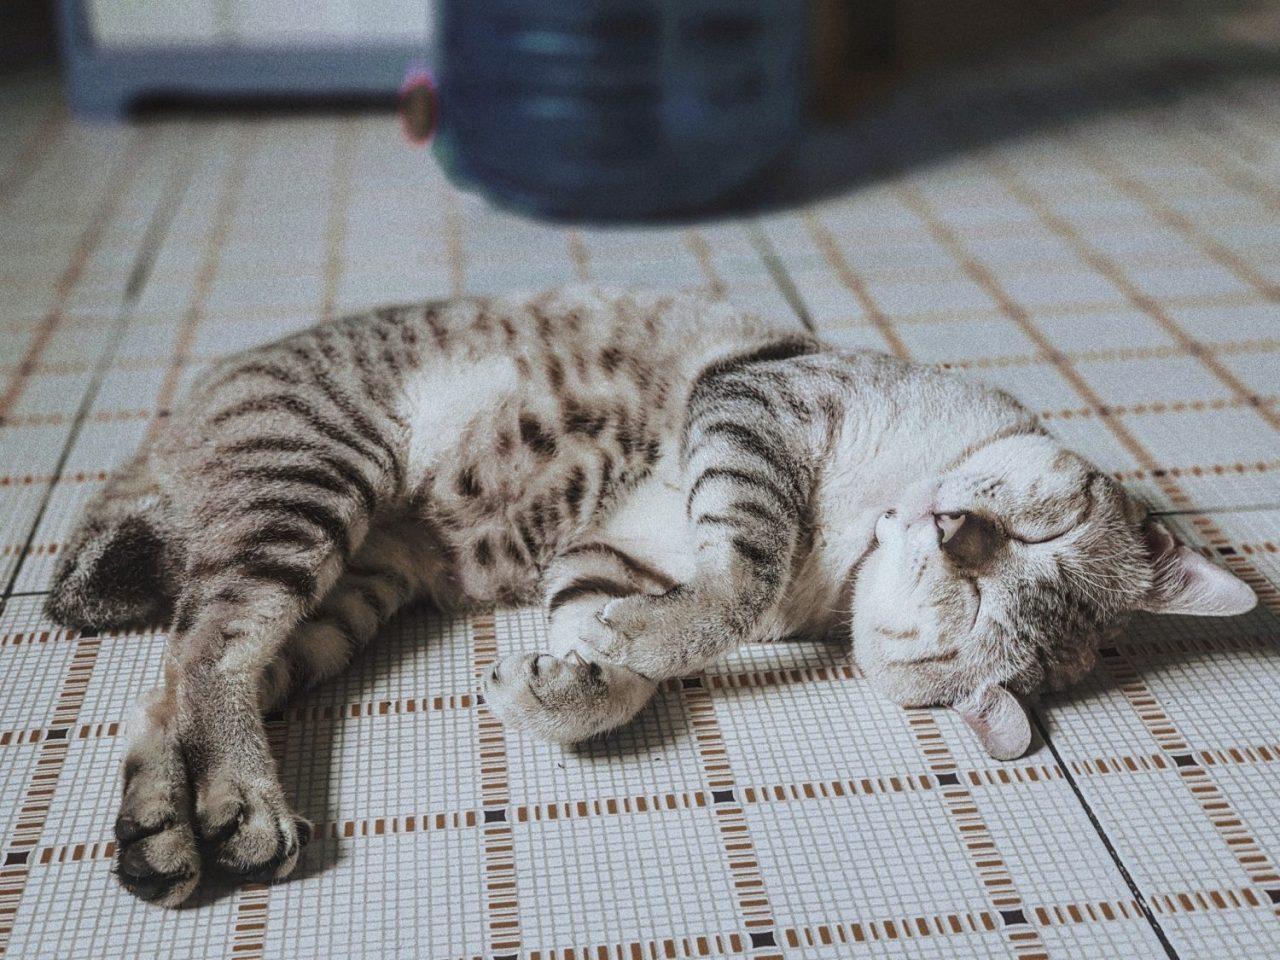 how to calm down a kitten when hyper